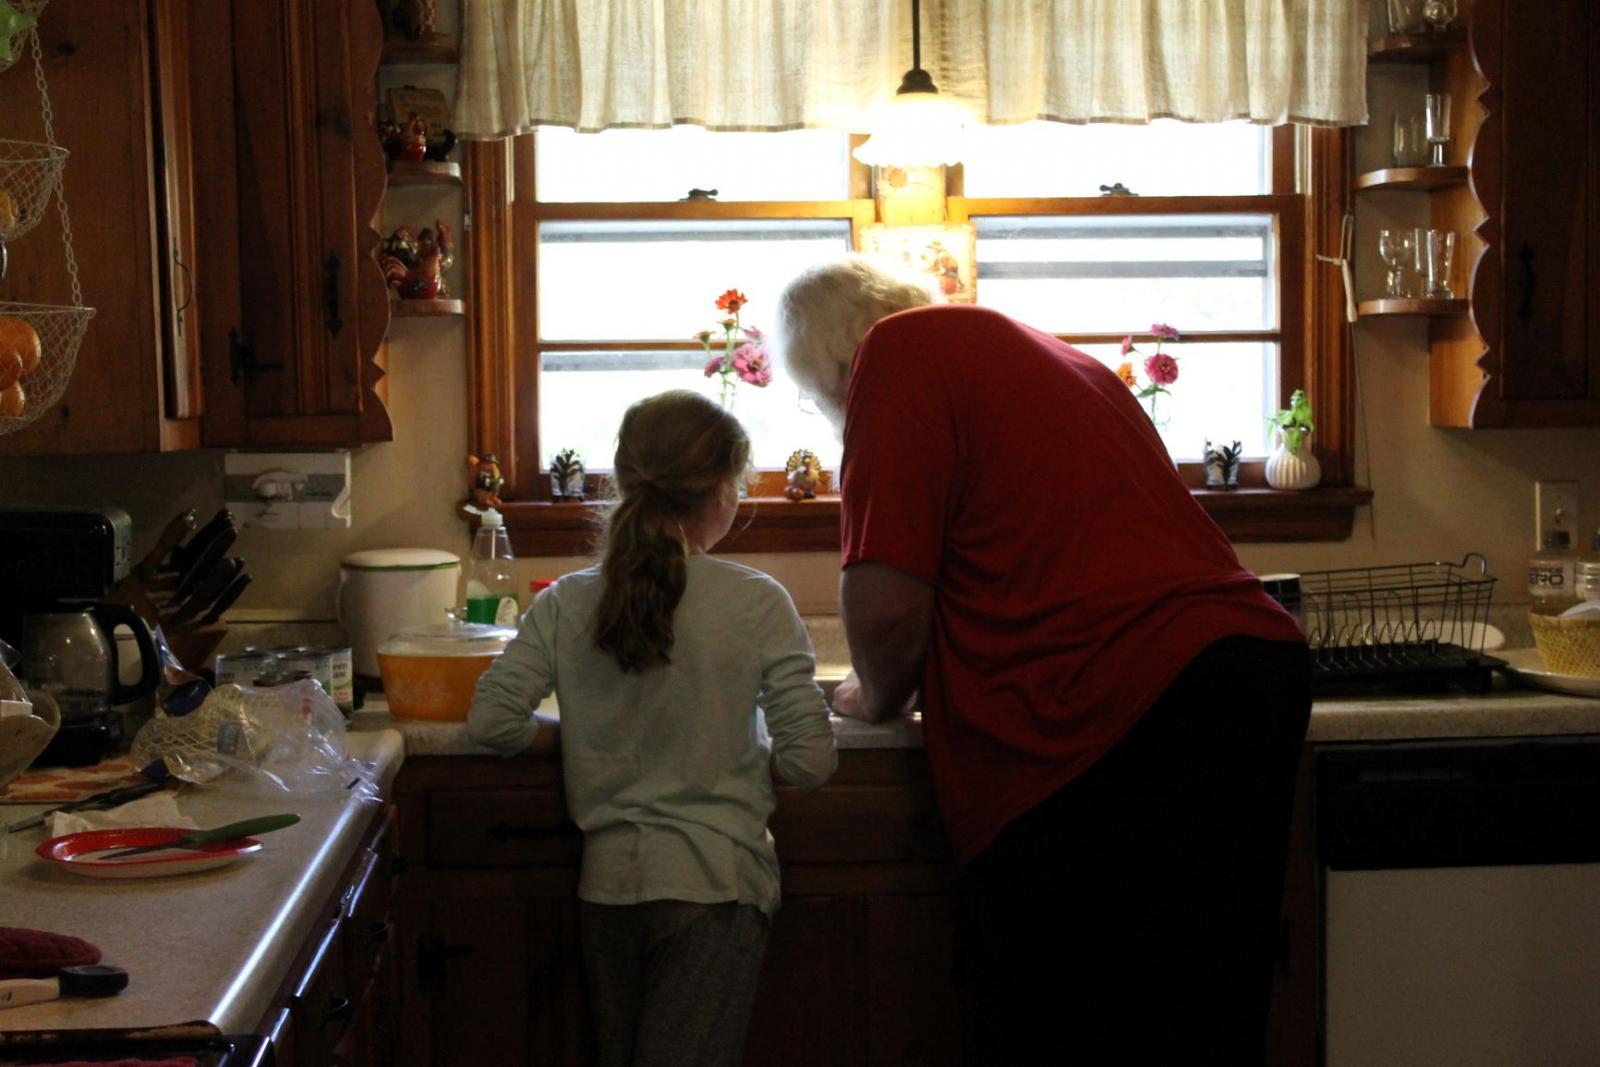 Granddaughter Maddie kitchen helper